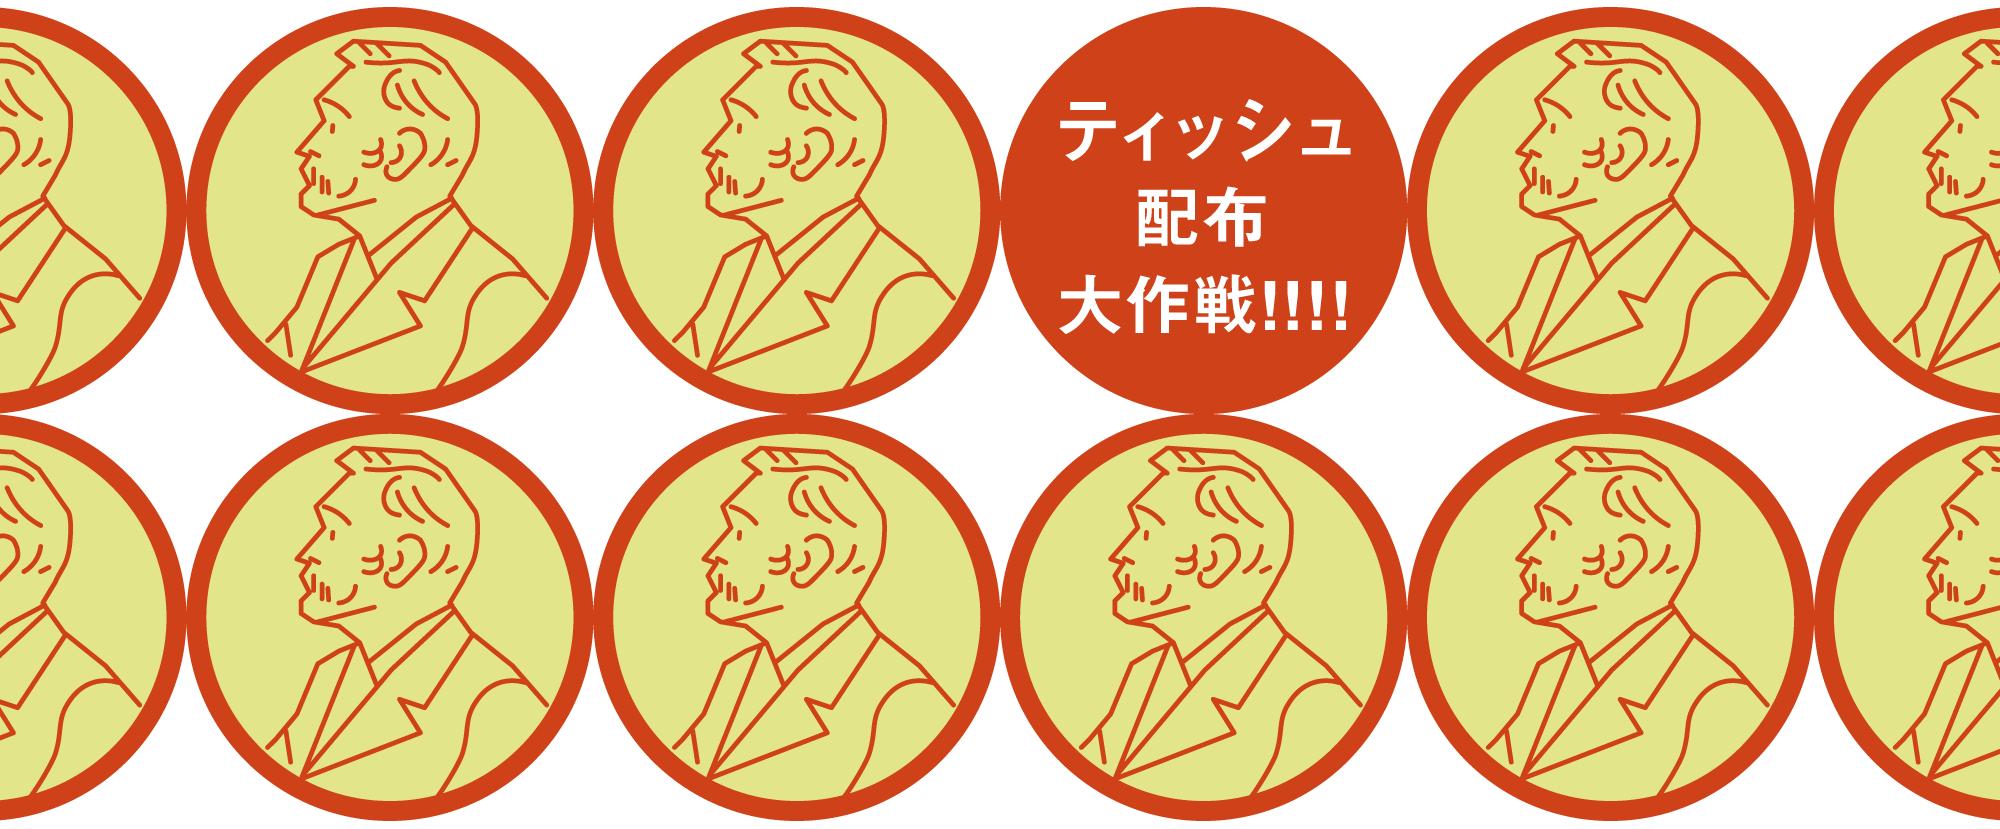 TQC/東京給水クルー